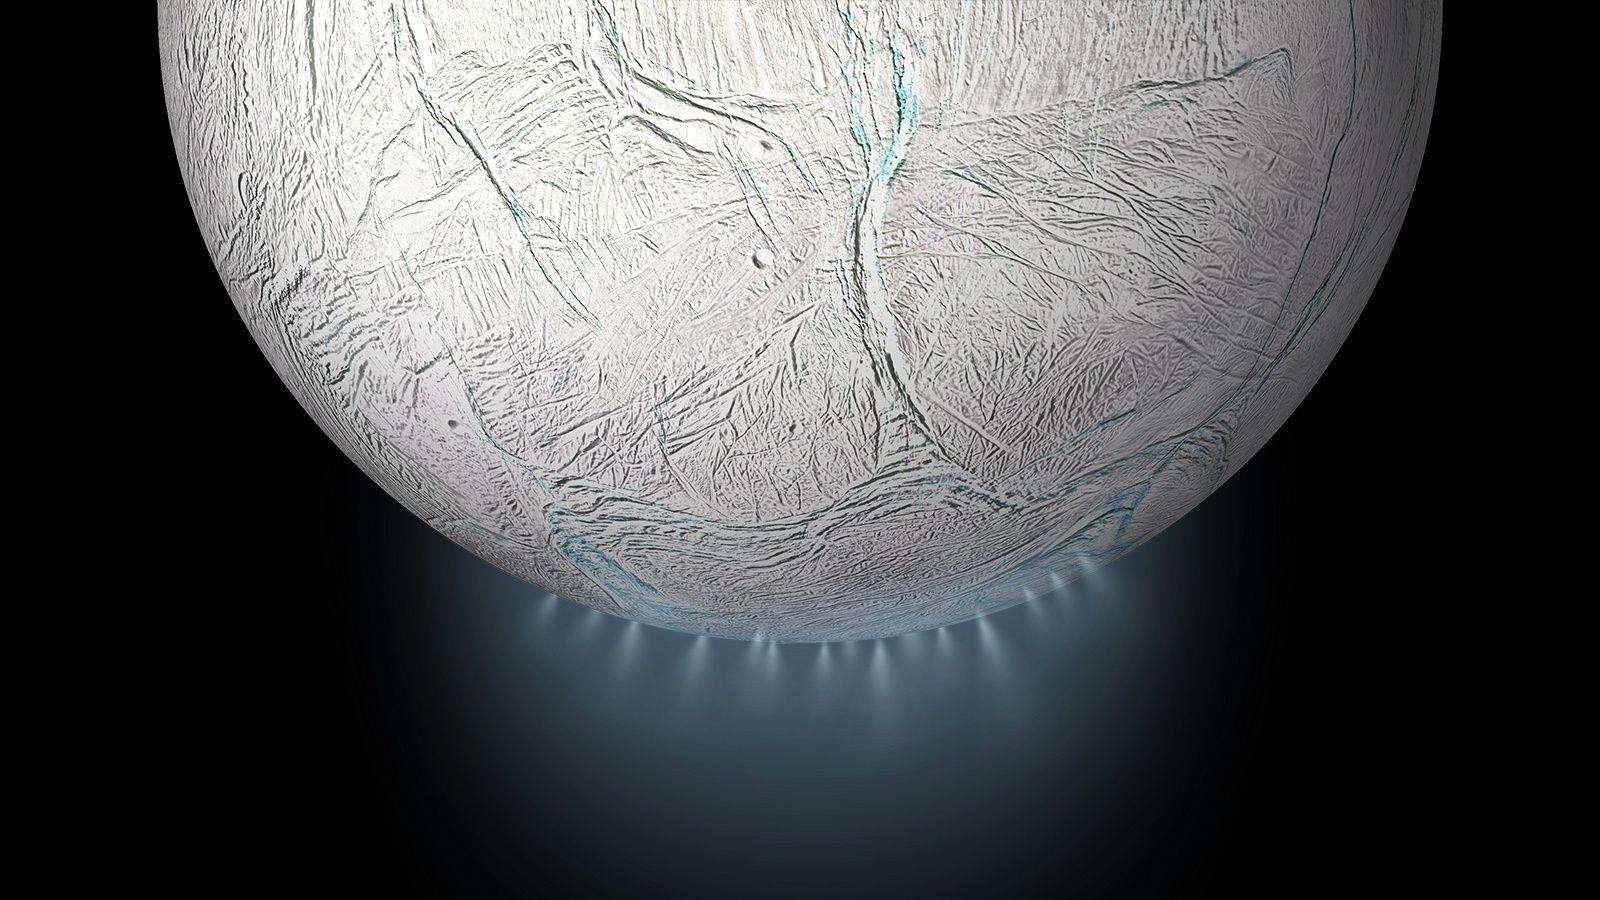 Сенсационное открытие. Ученые обнаружили условия для жизни вне Земли